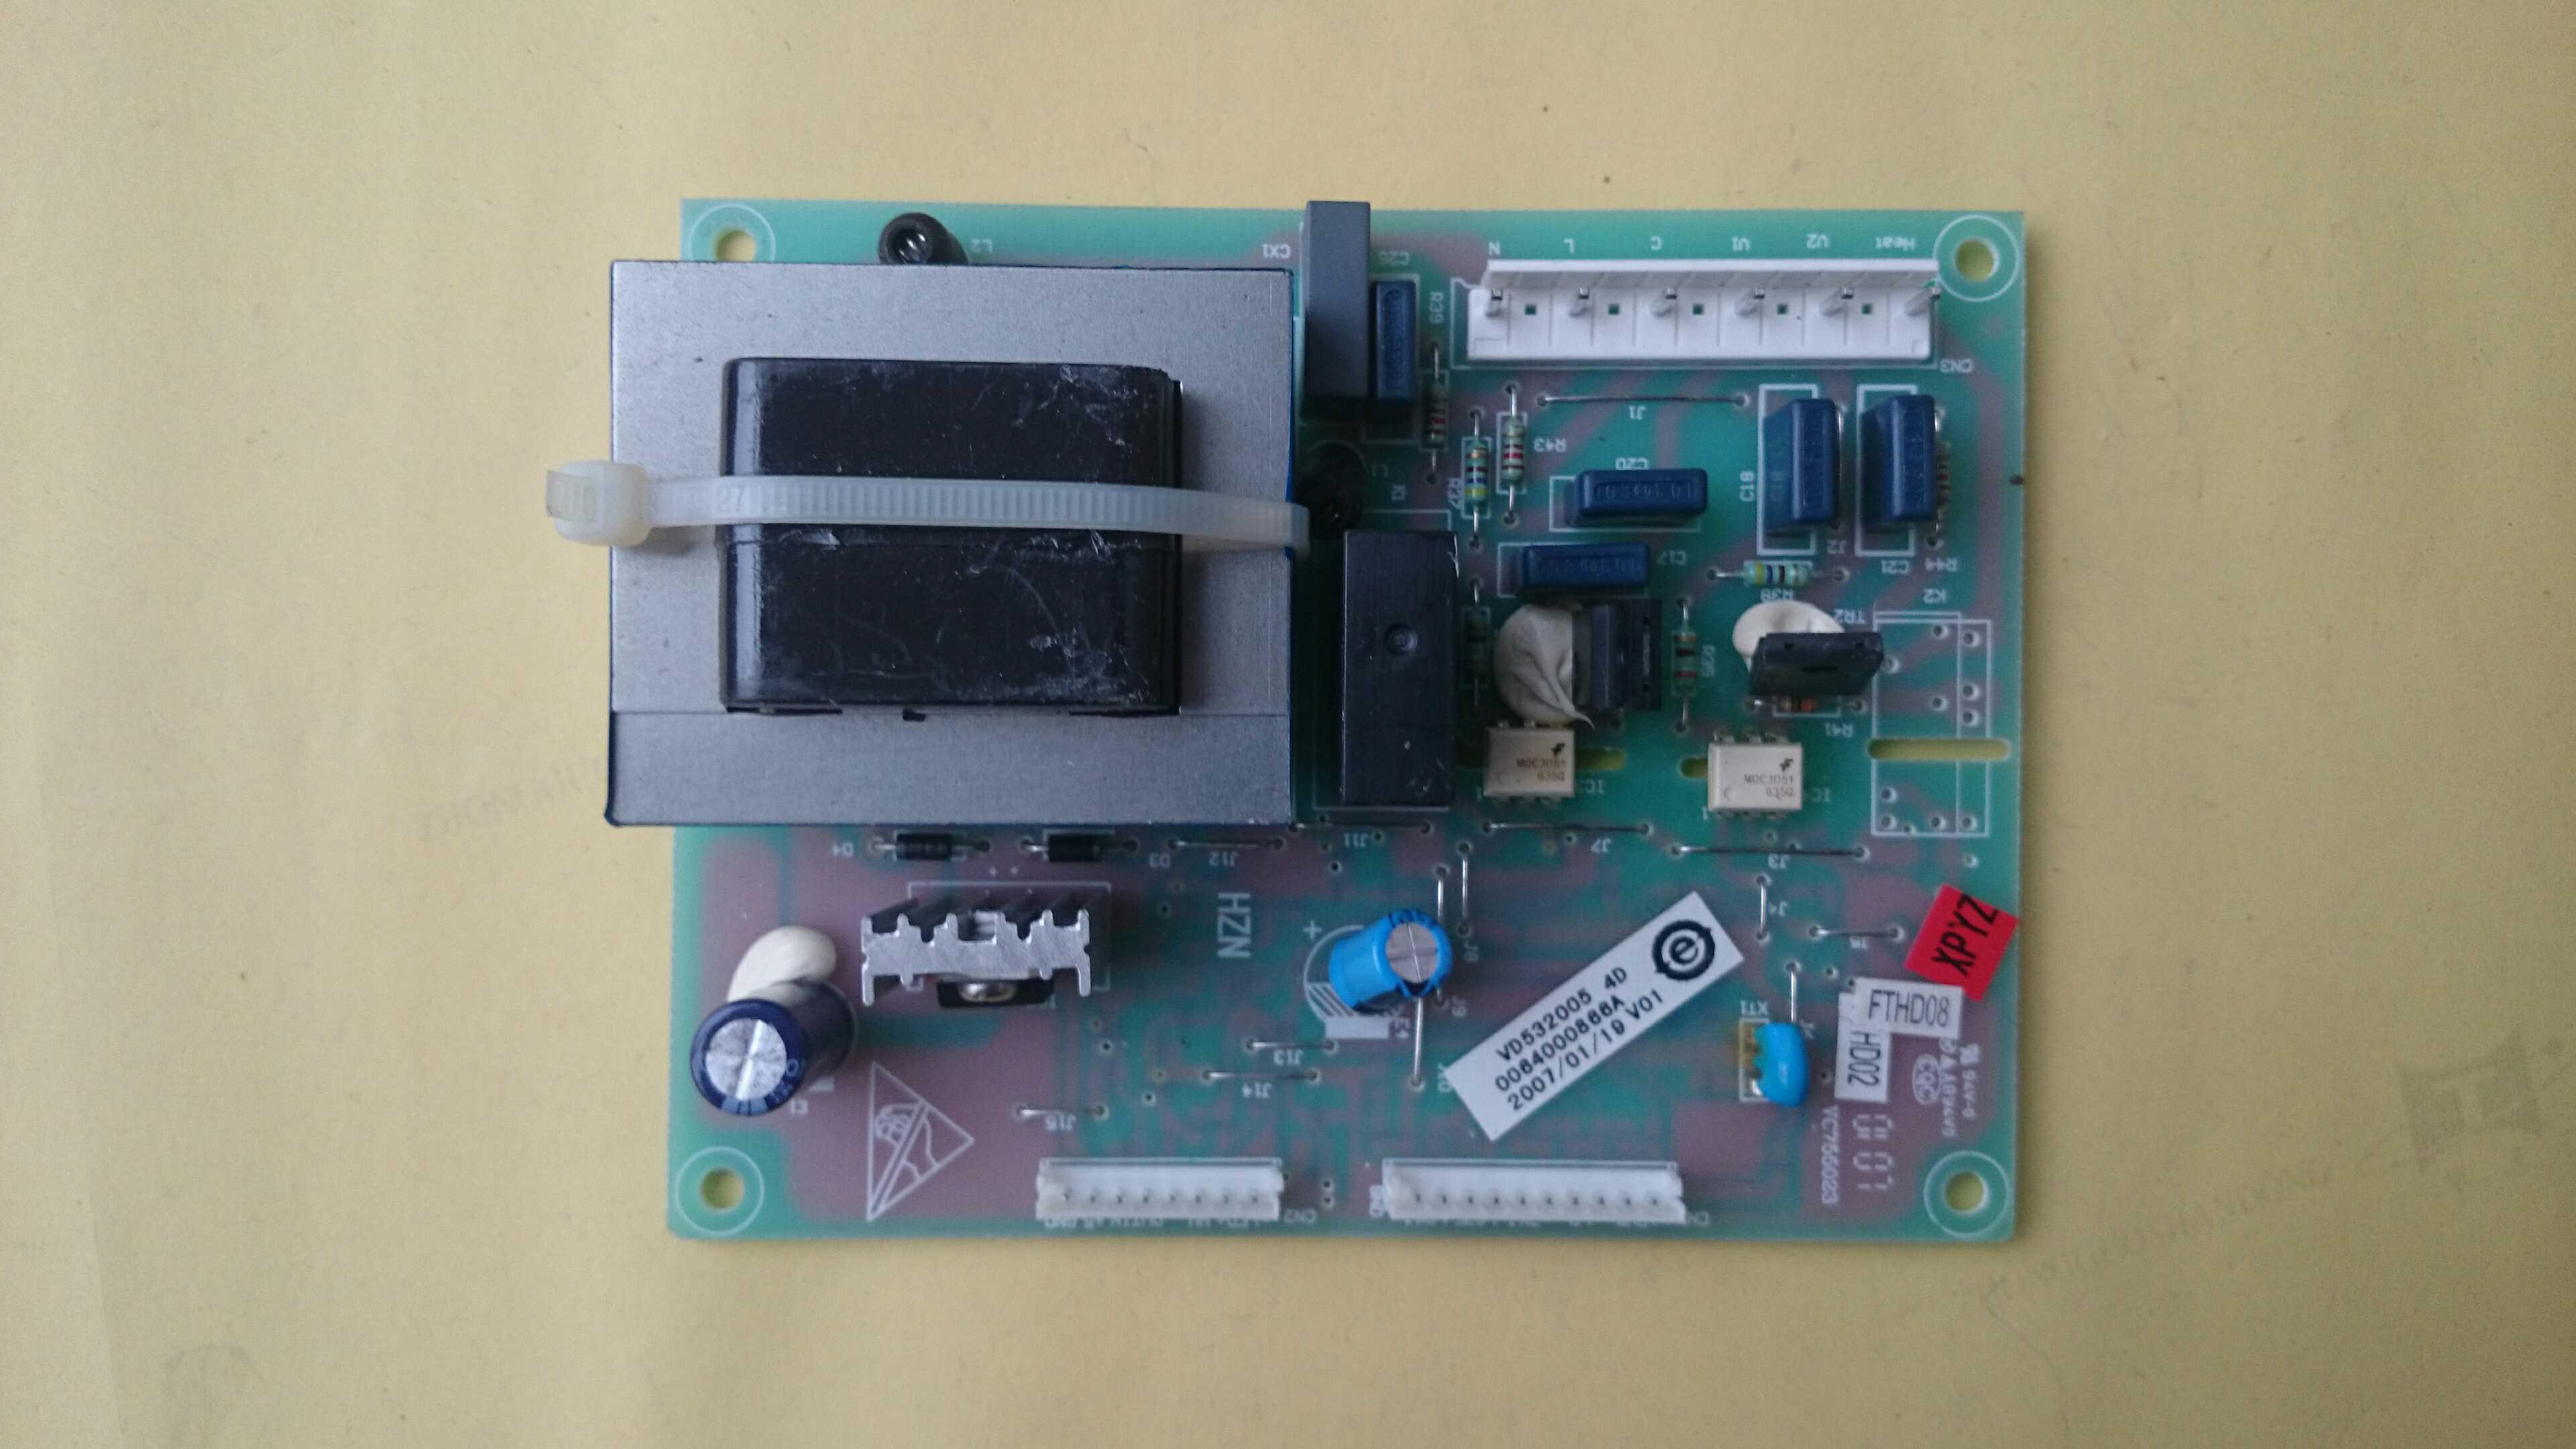 The original Haier refrigerator power main control board 0064000866A for Haier refrigerator BCD-211KS A haier refrigerator power board master control board inverter board 0064000489 bcd 163e b 173 e etc